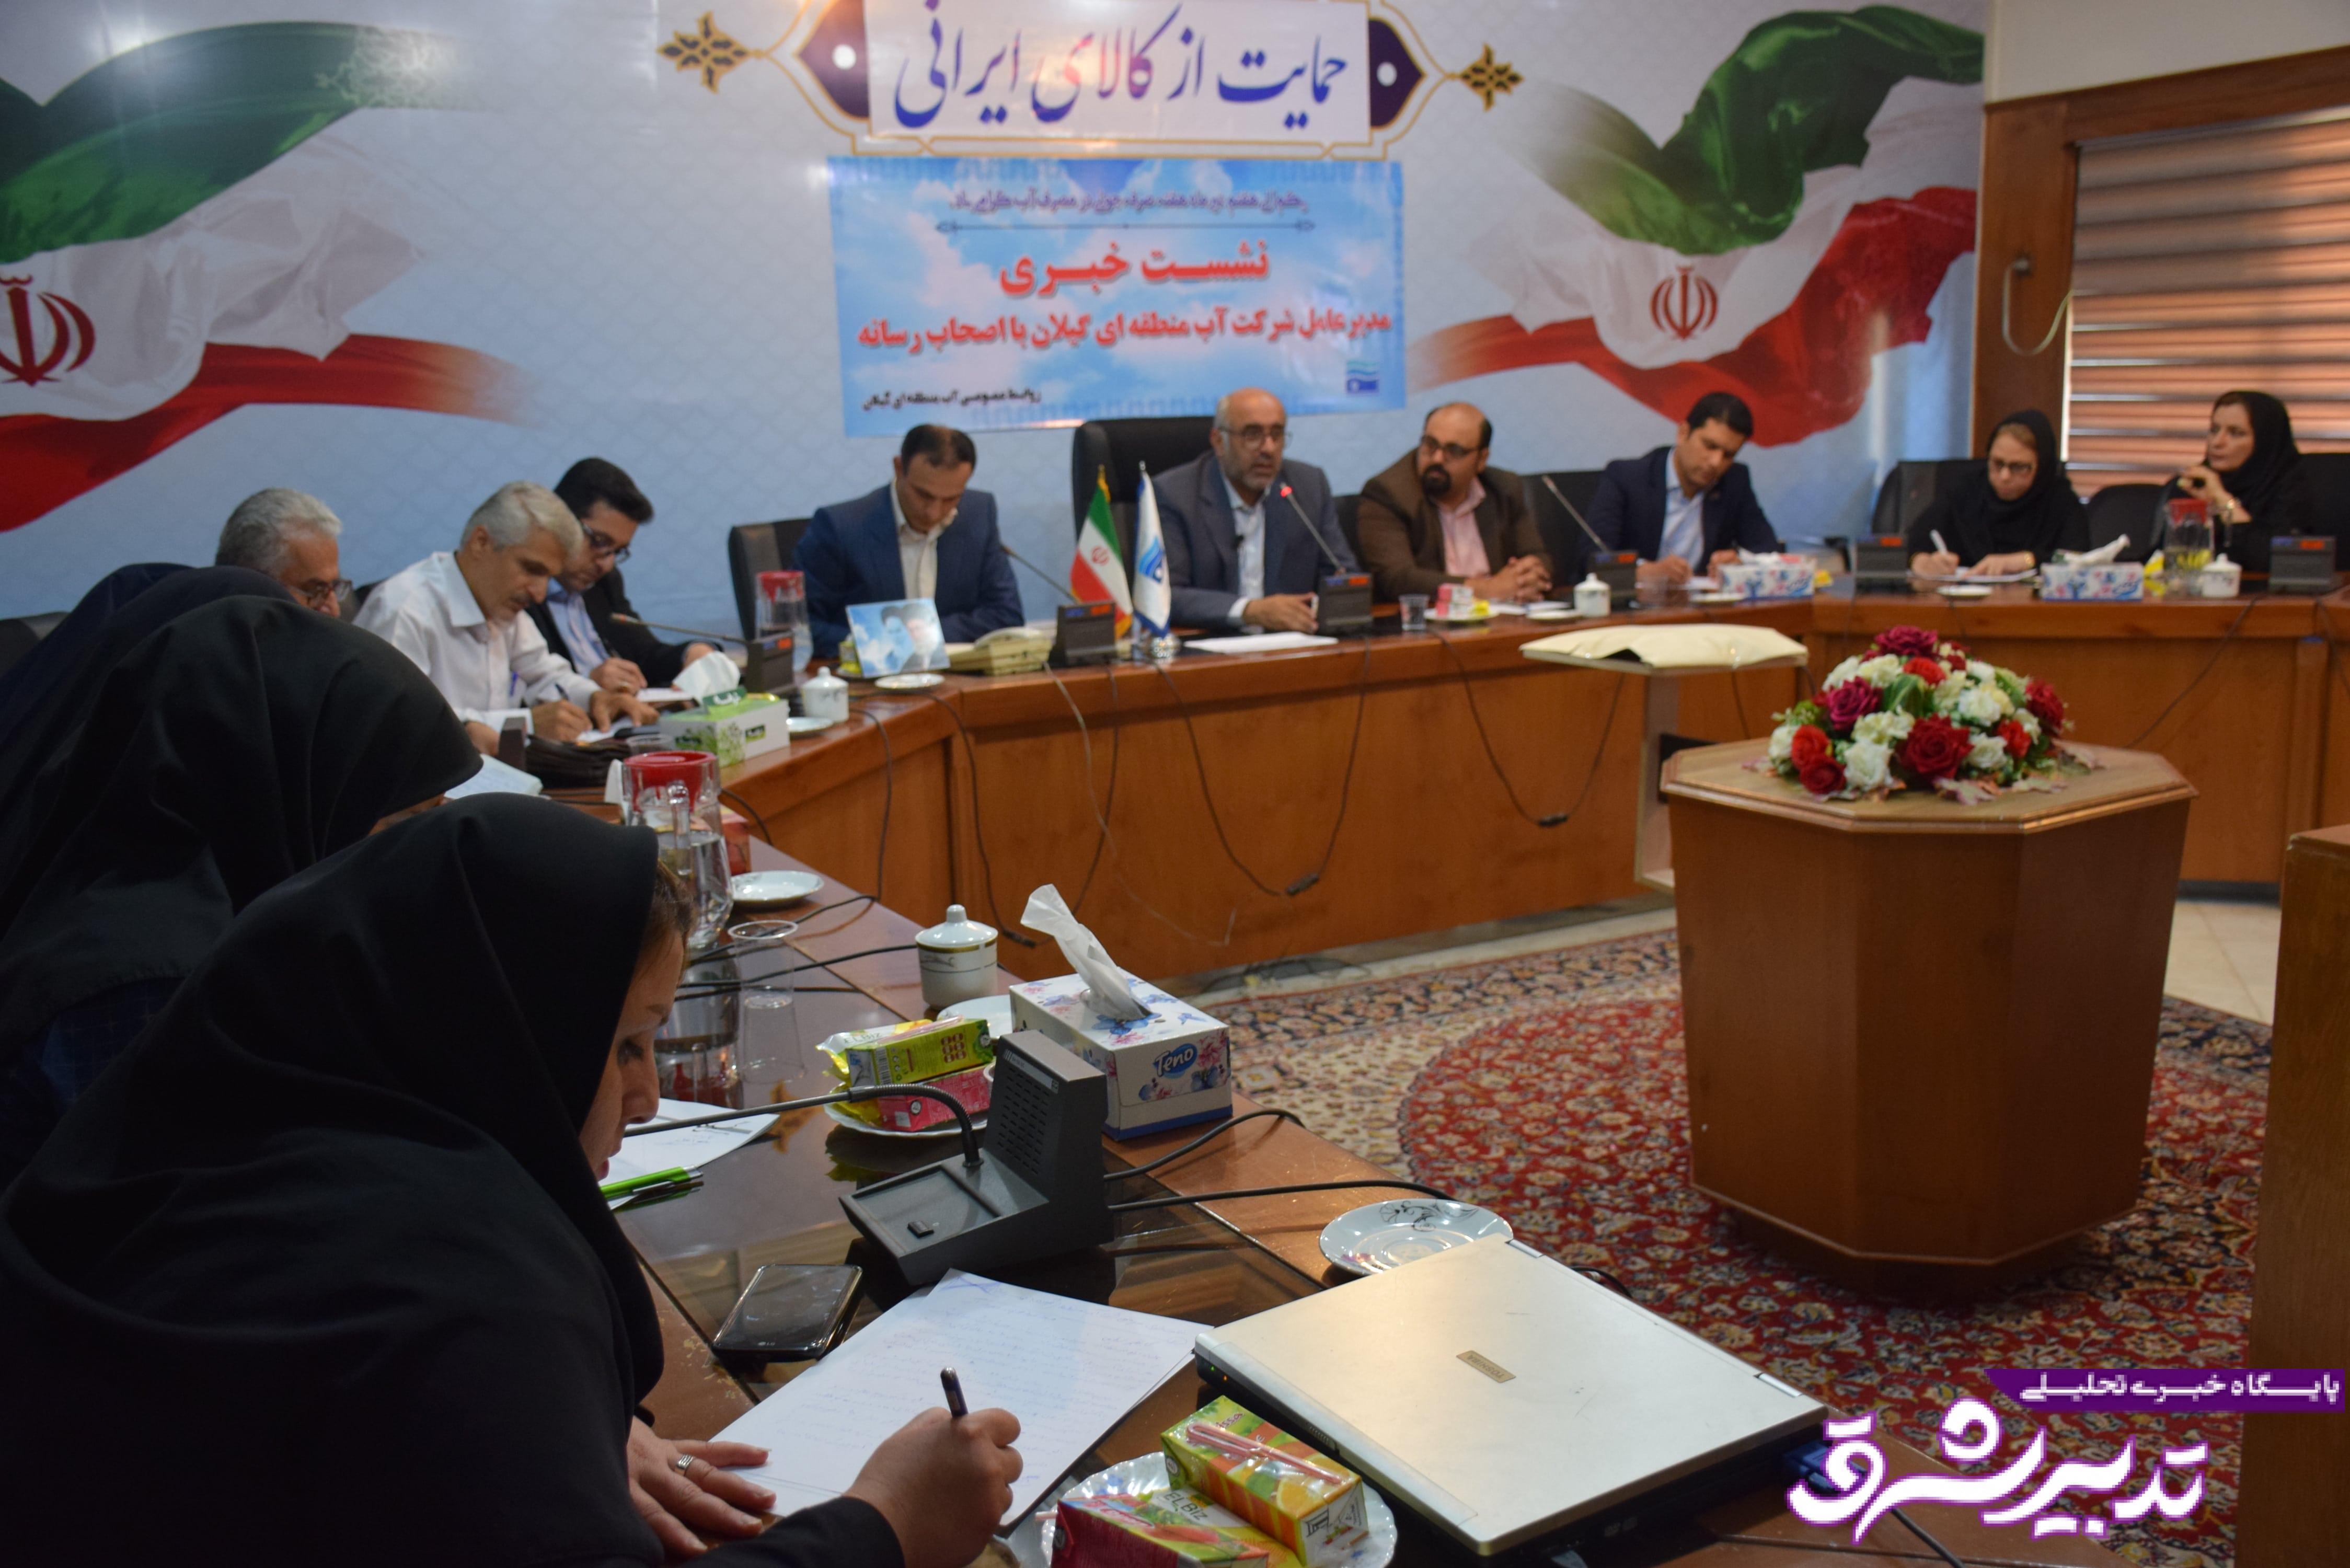 تصویر از اختصاصی / گزارش تصویری نشست مدیرعامل سازمان آب منطقه ای استان گیلان با اصحاب رسانه